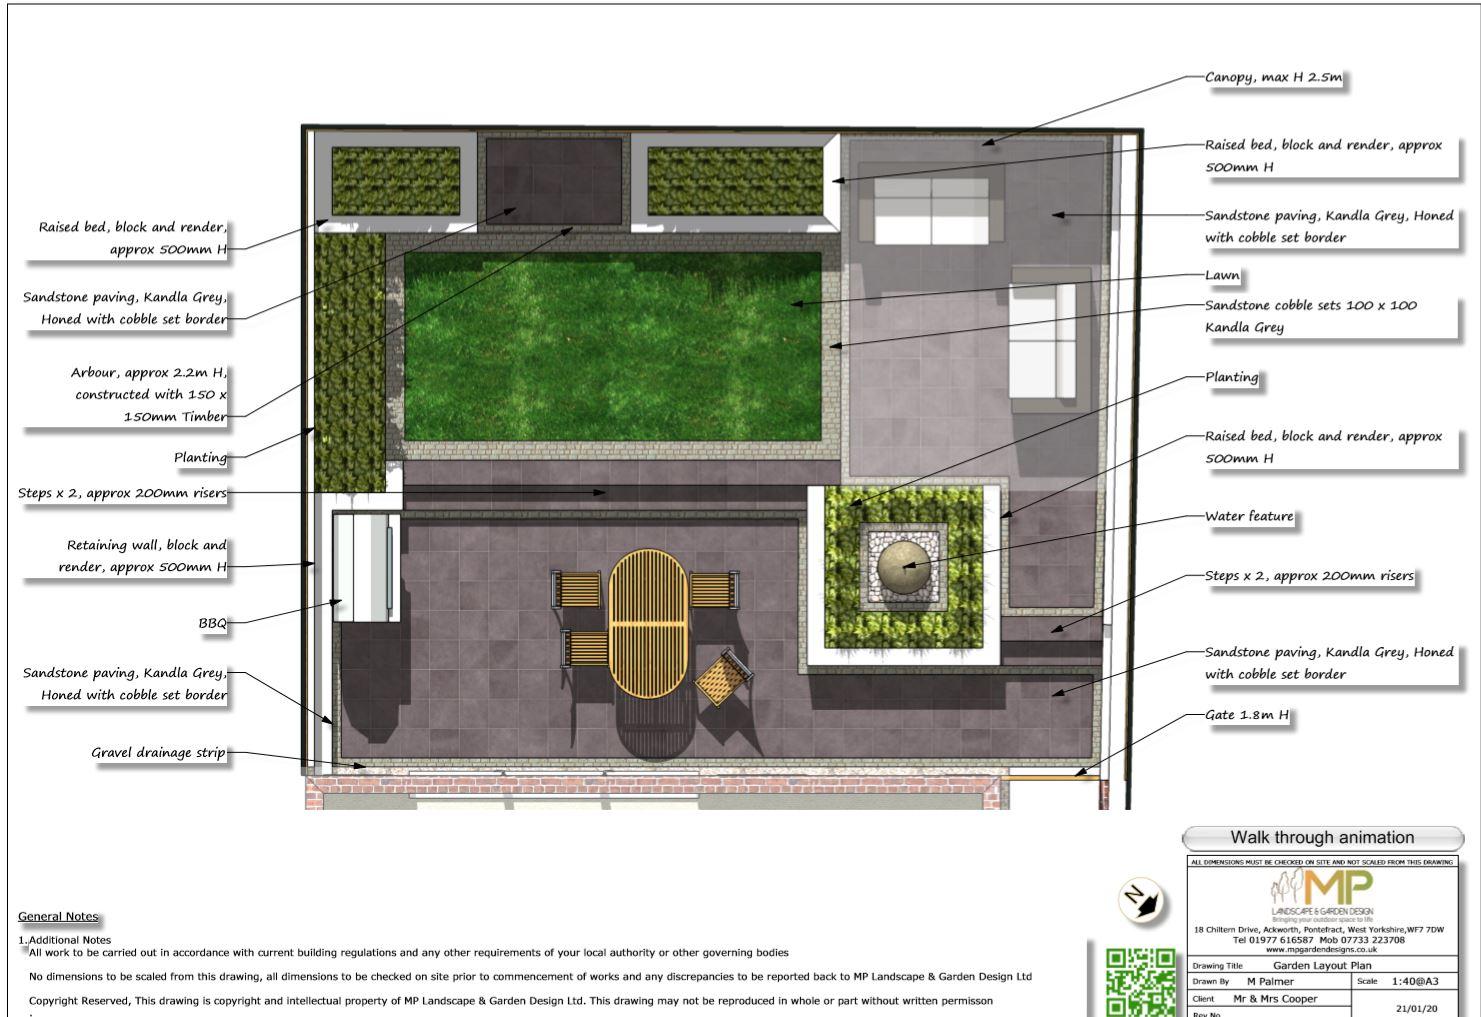 1, Colour garden layout plan for a rear garden in Pontefract.